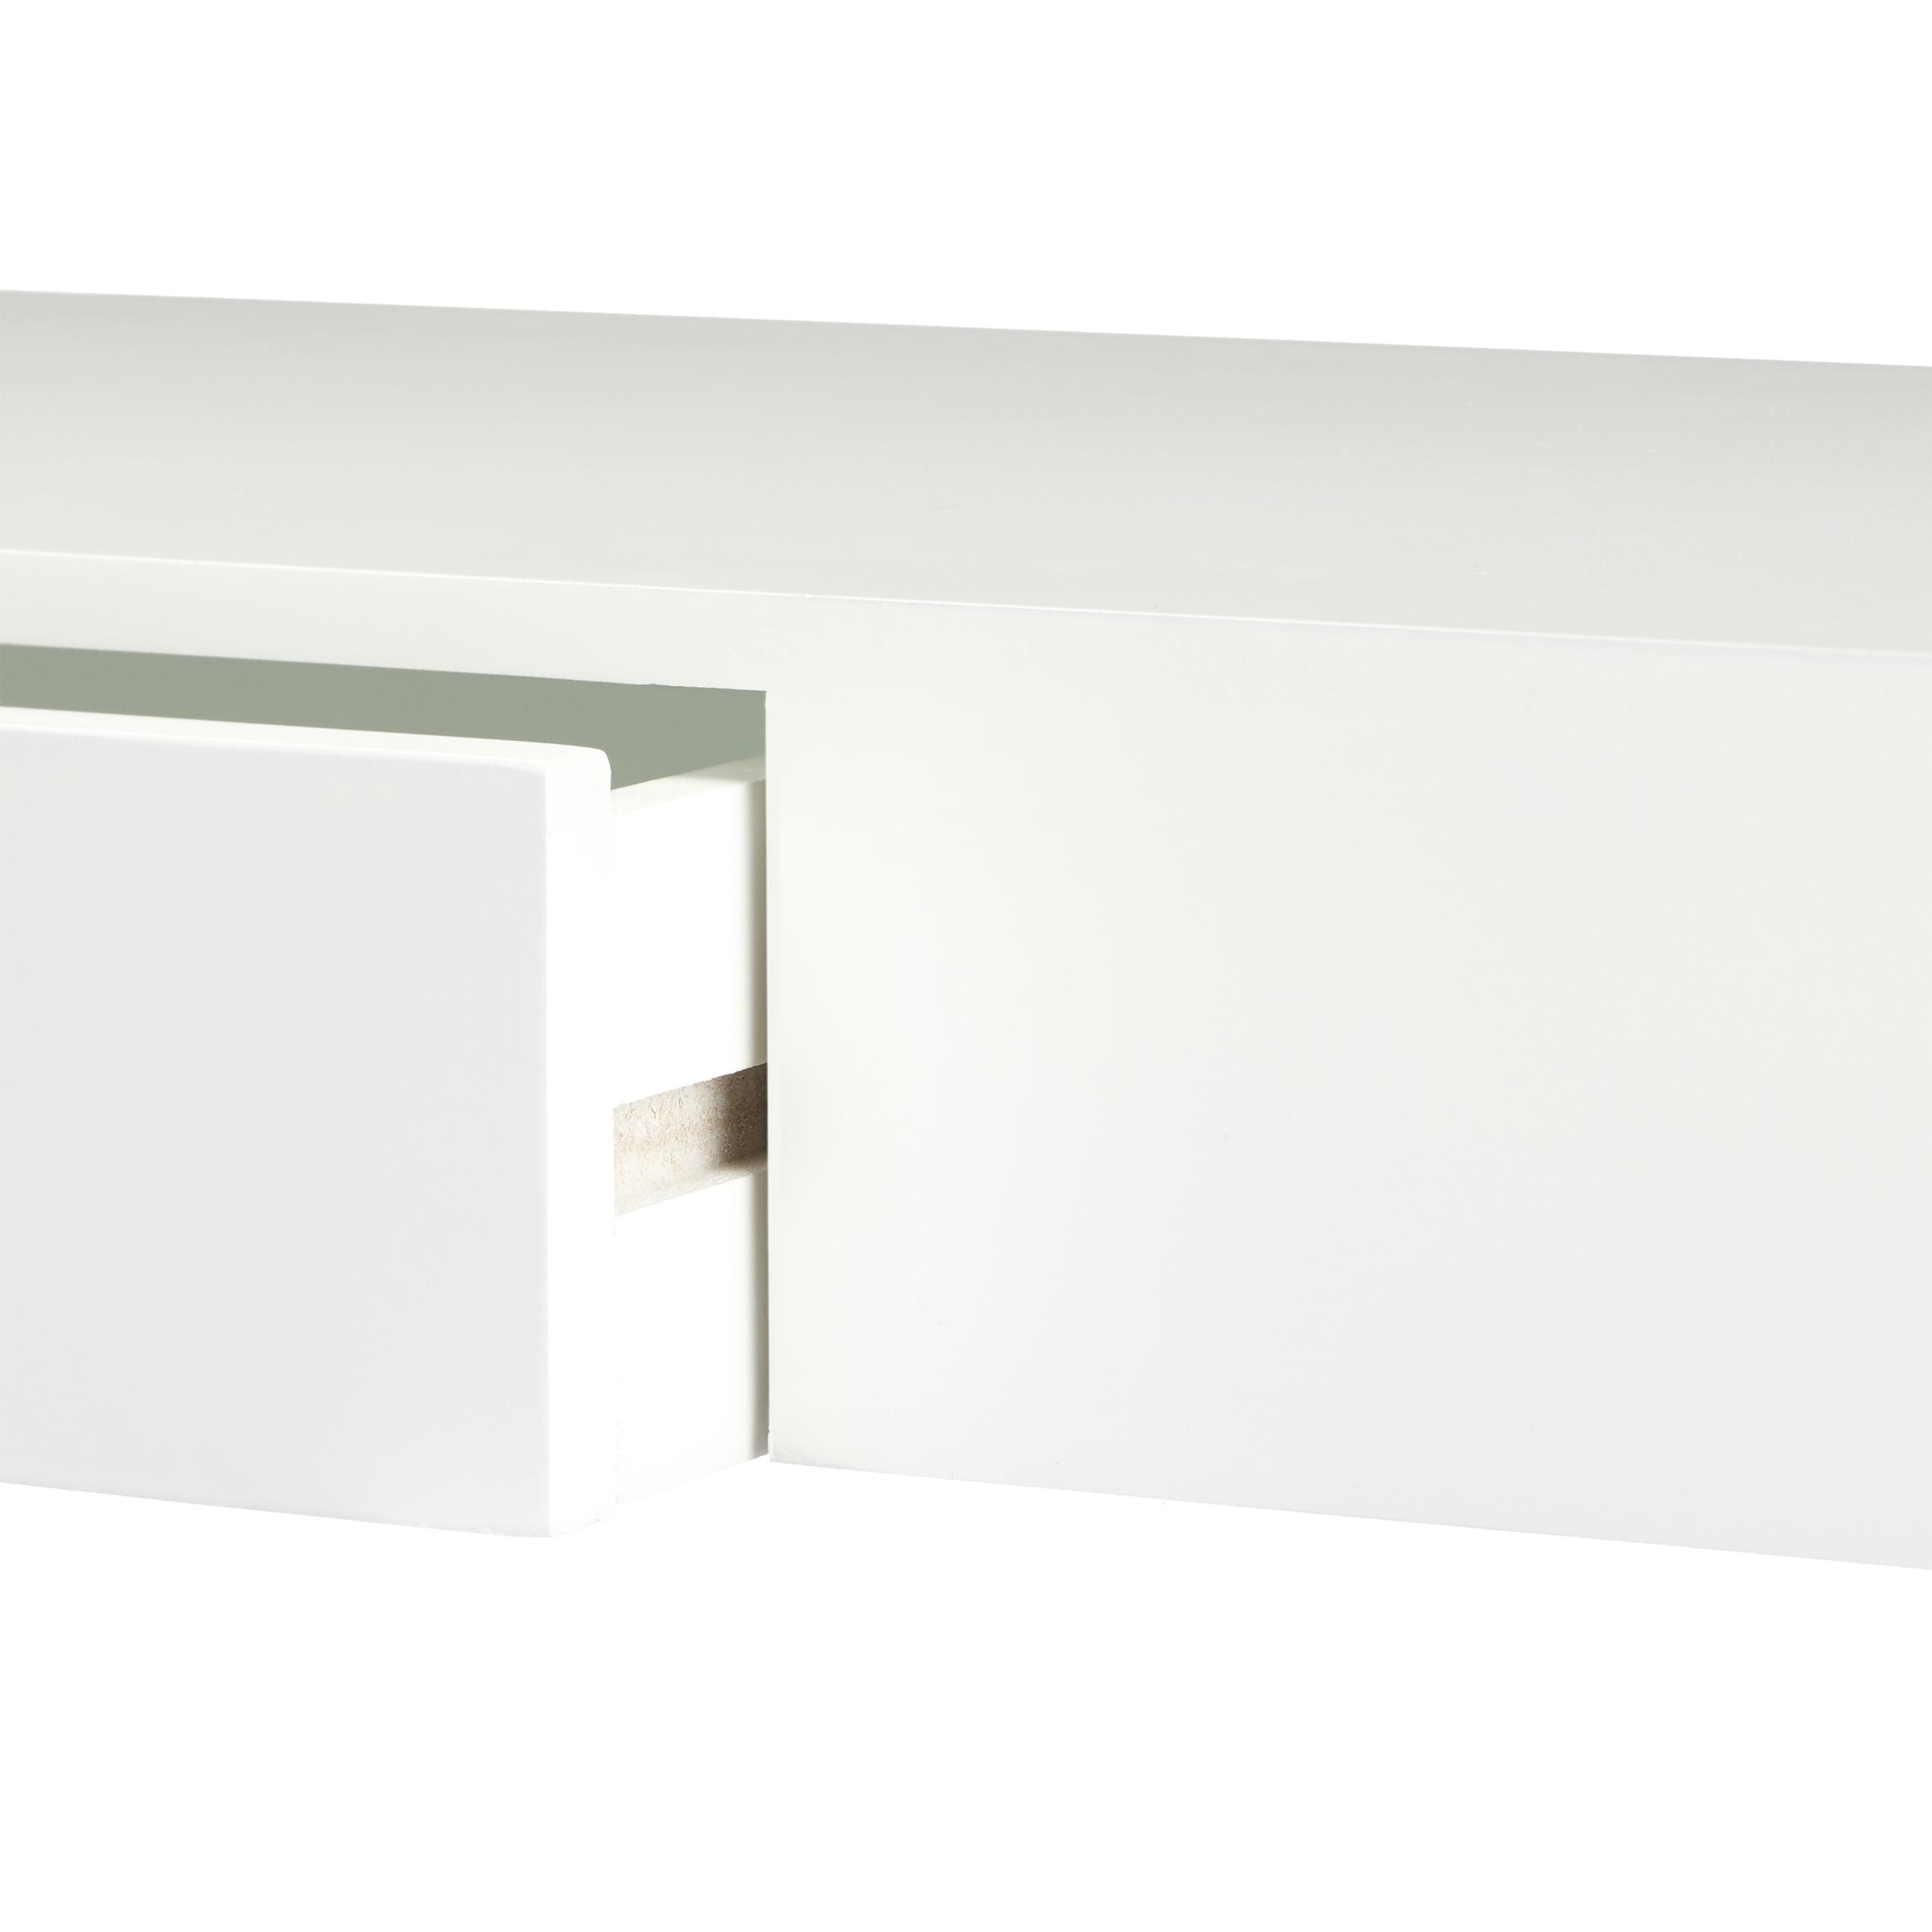 Wandregal-mit-Schublade-freischwebend-Design-Deko-Wohnzimmer-modern-Ablage Indexbild 26